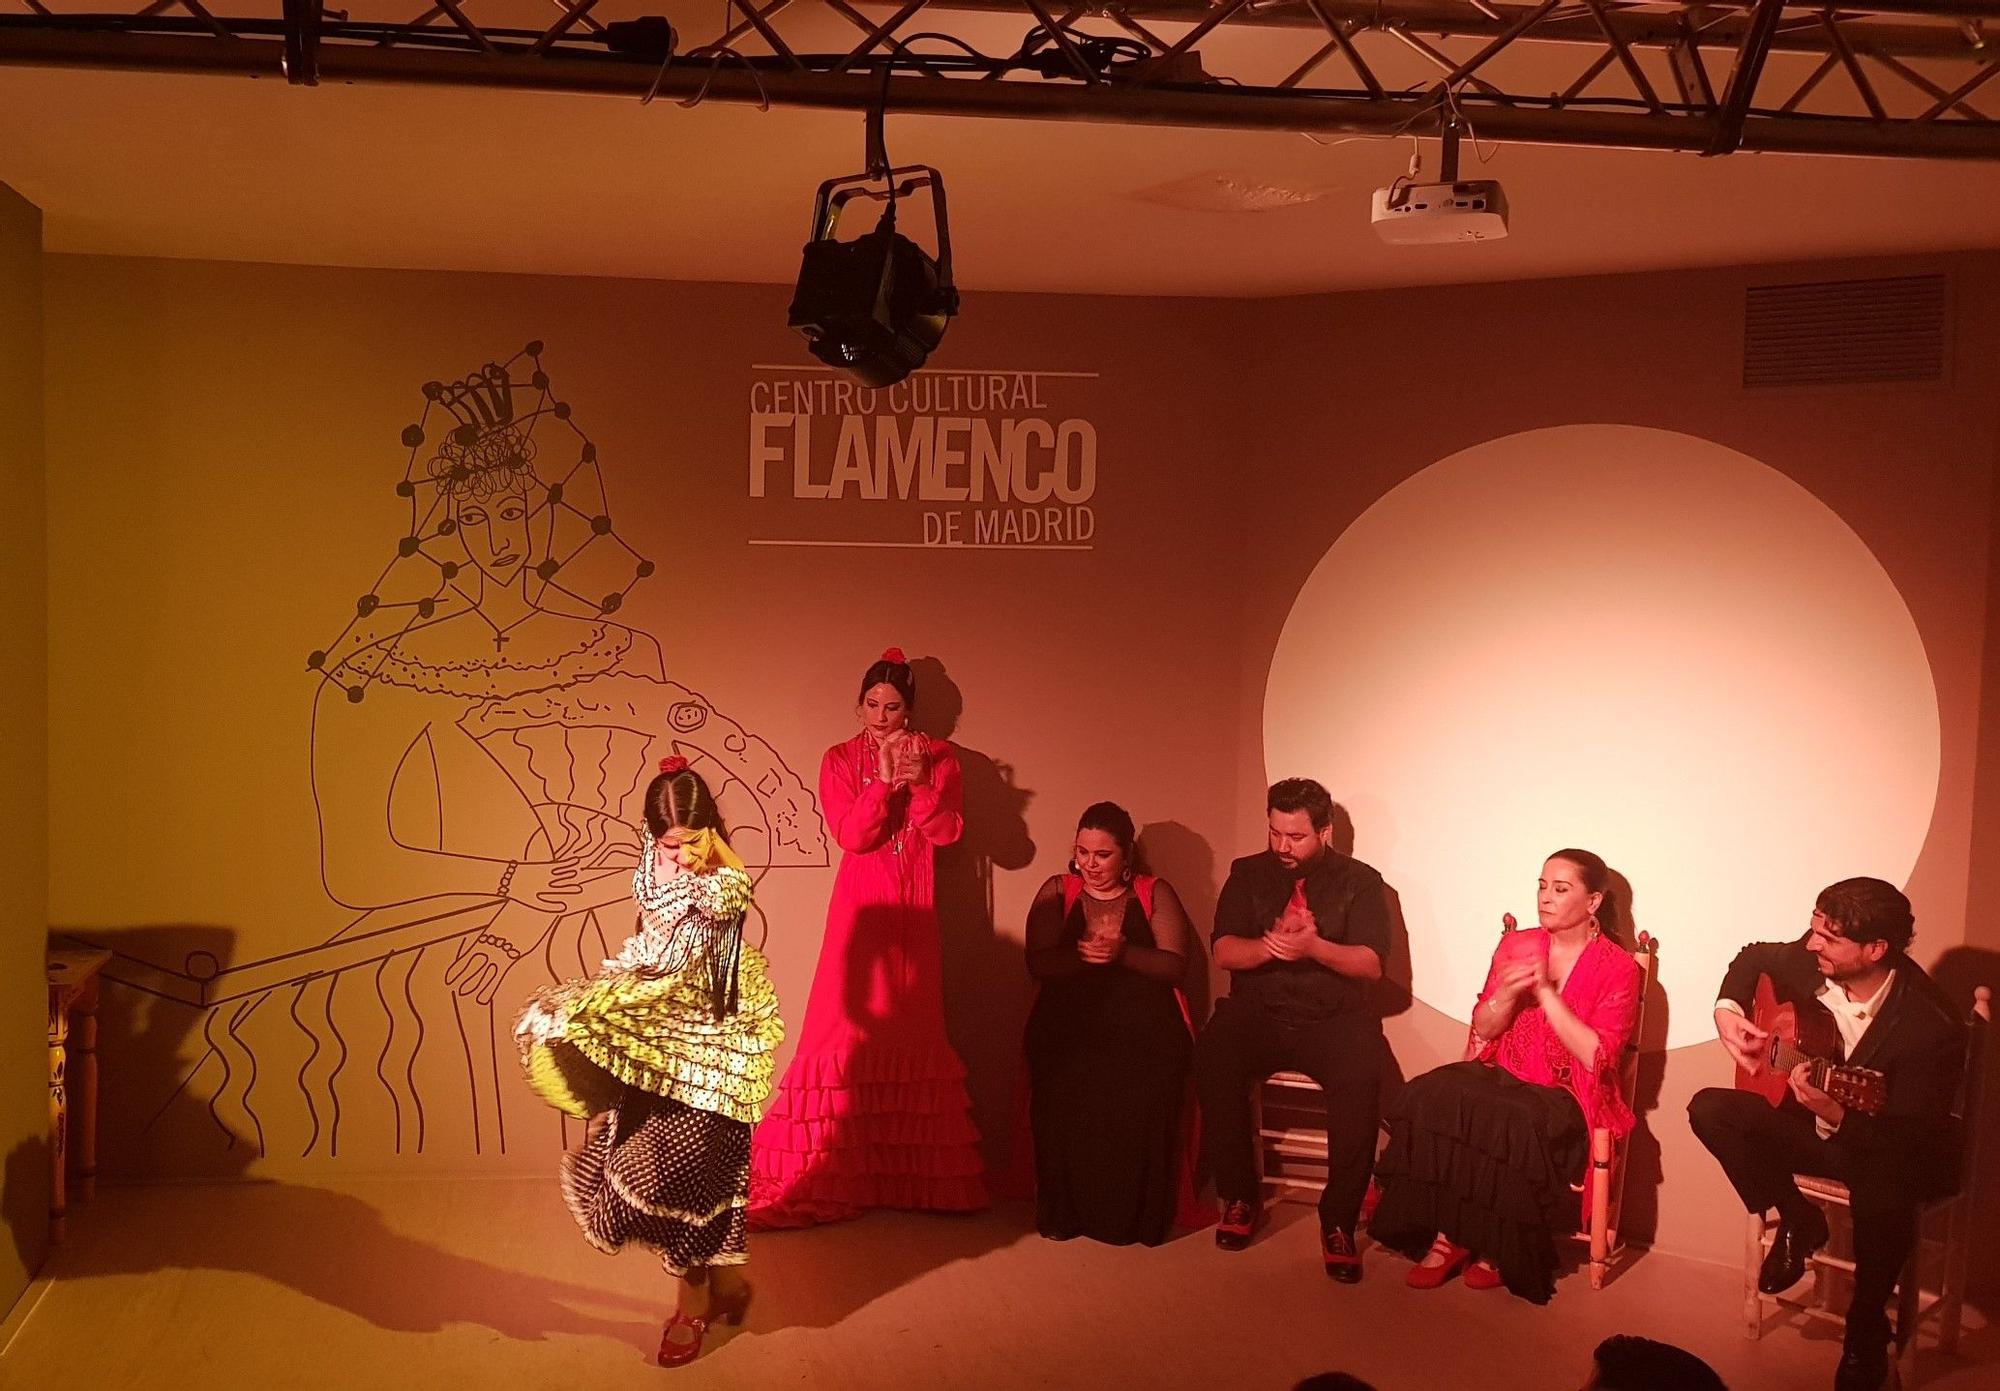 Raices flamencas (1)